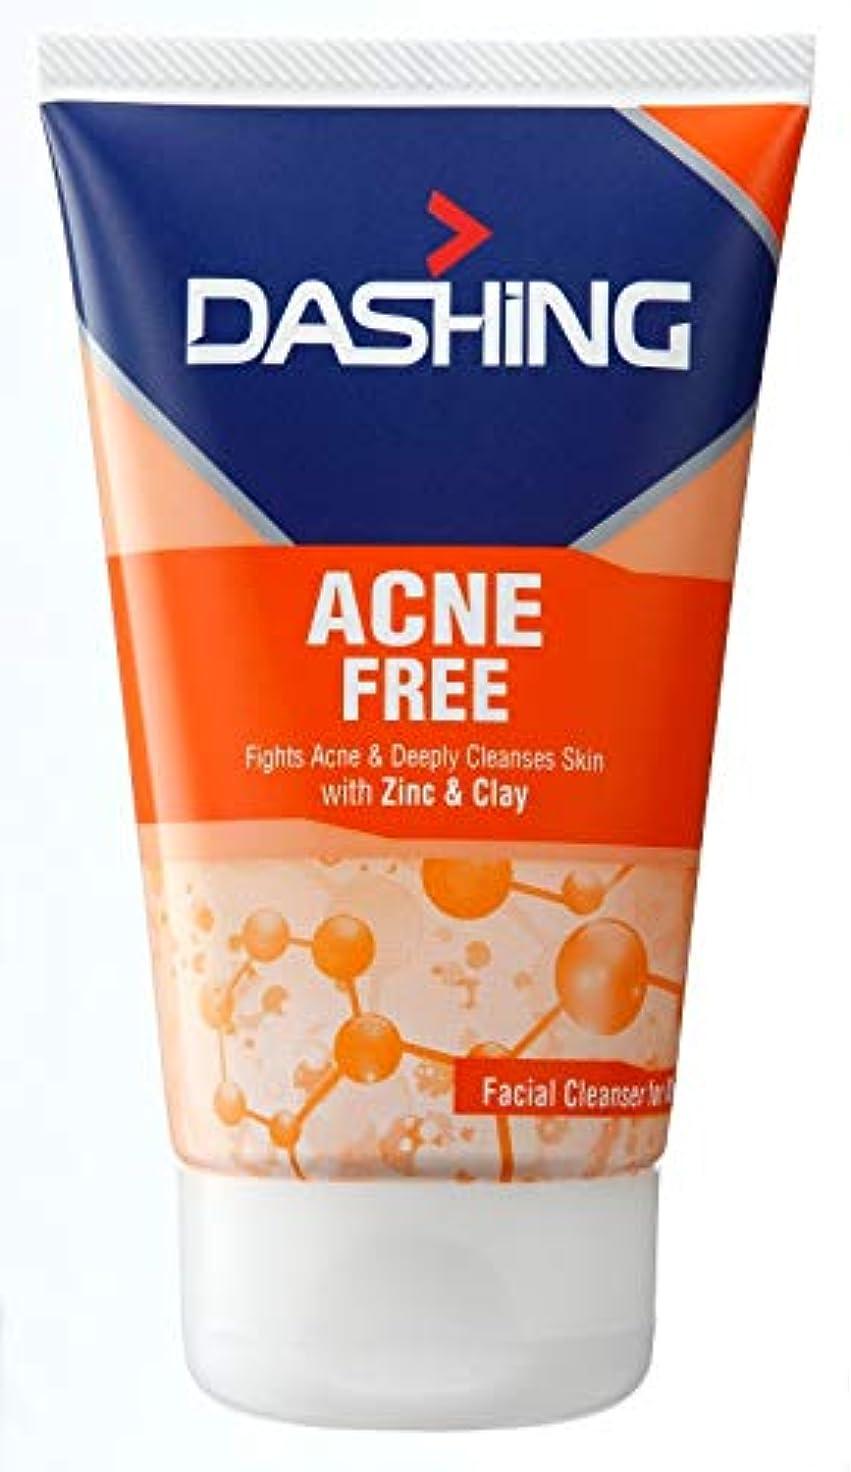 傑出した湿ったとてもDASHING 無料にきび洗顔料クリーン100グラム - それはまた、なめらかな、健康な皮膚を促進し、いつでもクリアな肌のスコア!